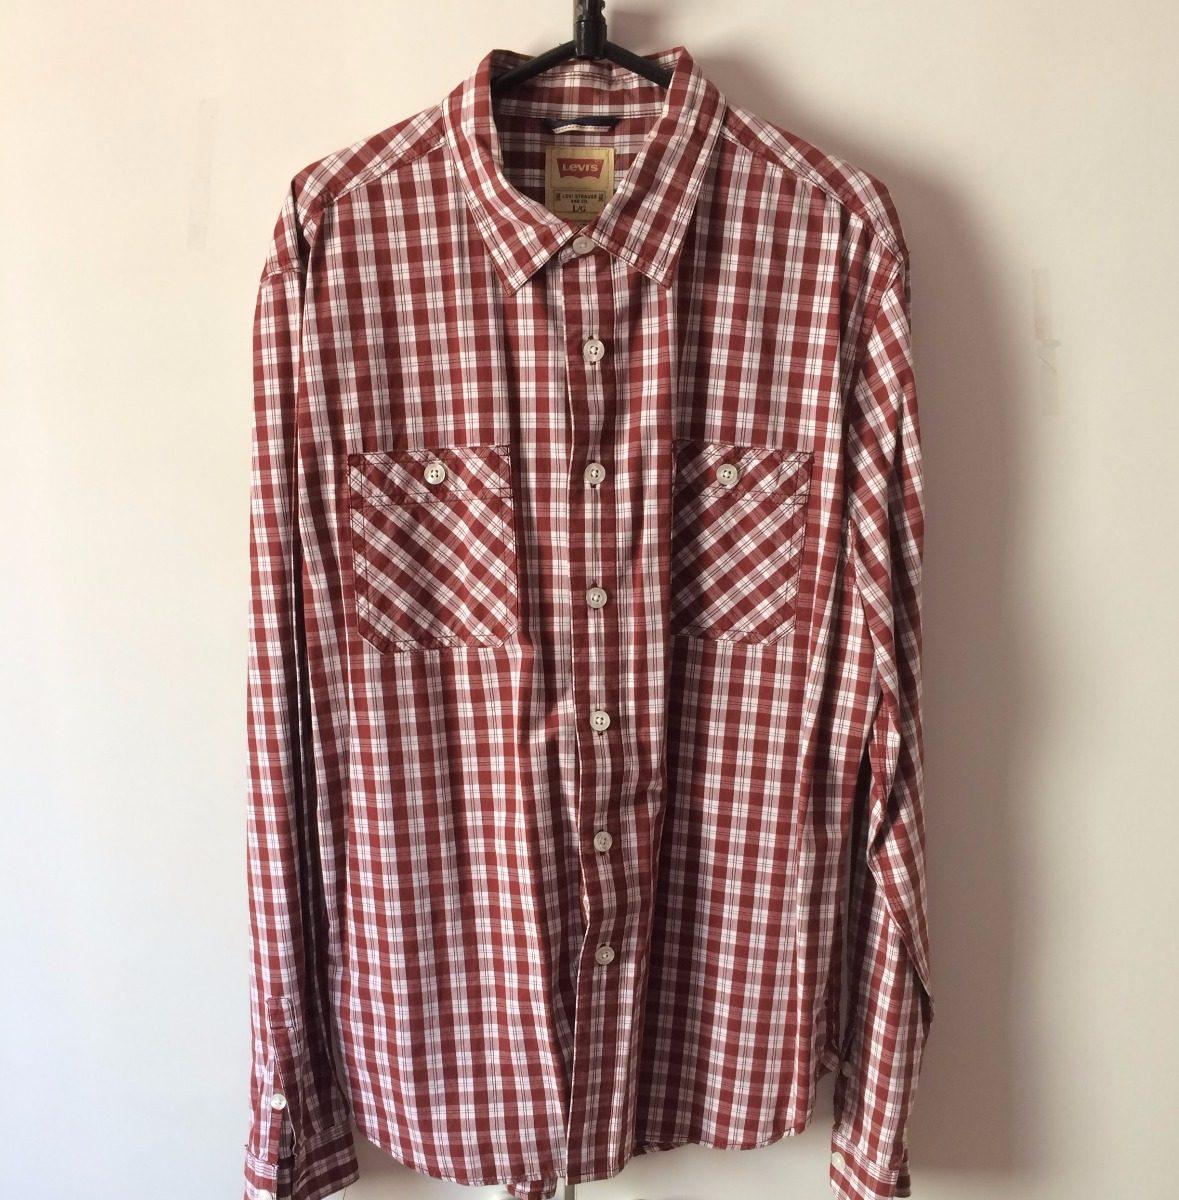 Camisa Social Levi s Original 4afba0e6b8e